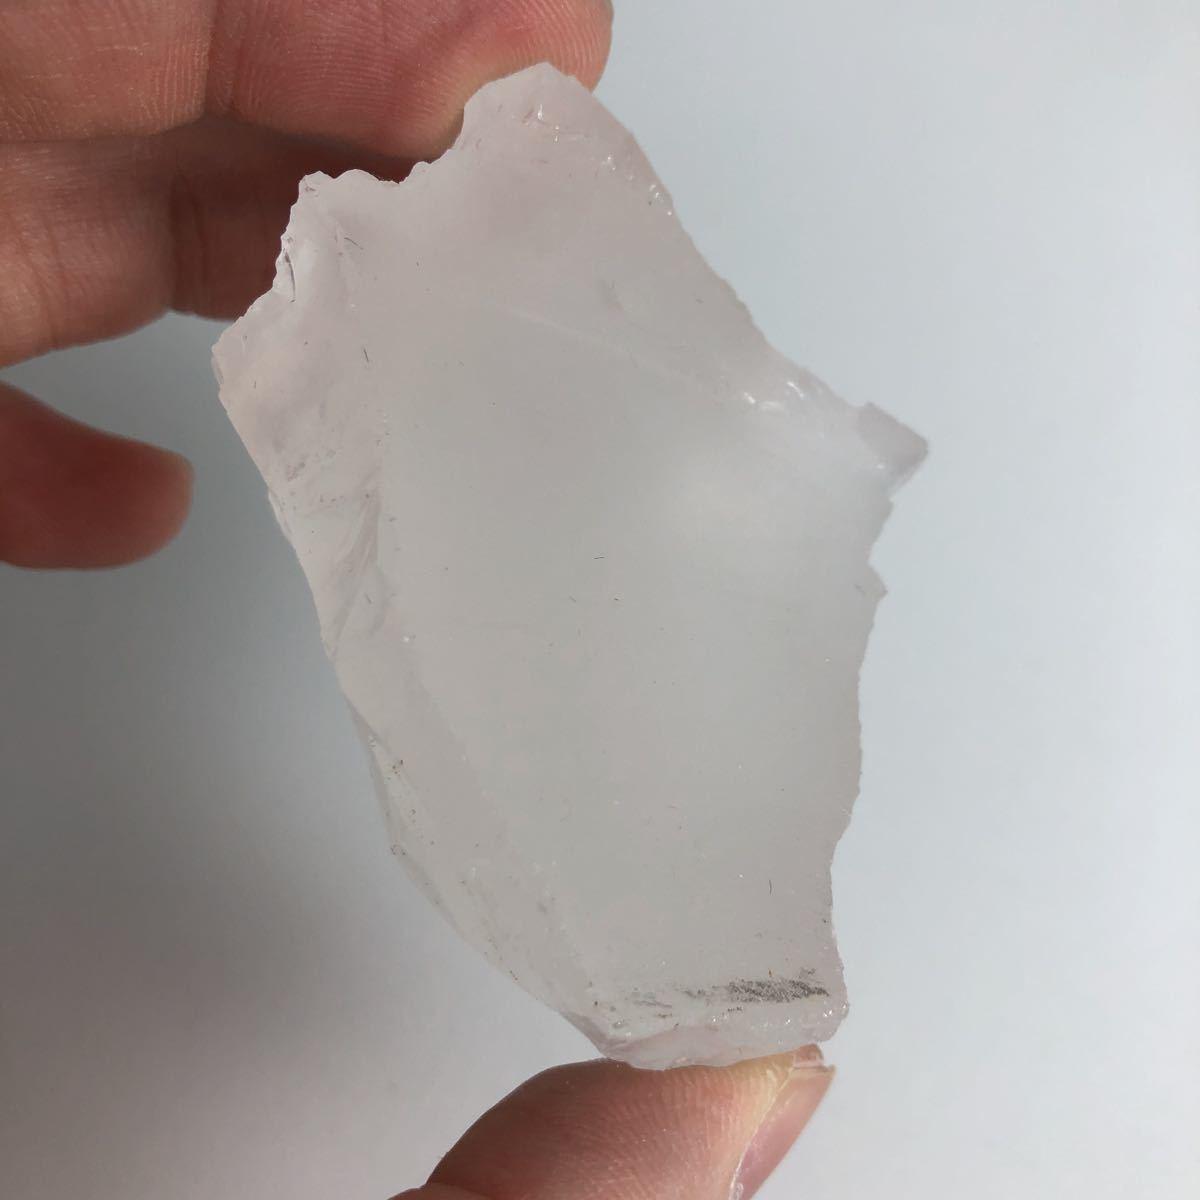 NO:4743 メタモルフォーシス 水晶 ミルキークォーツ ジラソルクォーツ ミルキー ジラソル クォーツ 天然石 原石 パワーストーン 鉱物_画像8